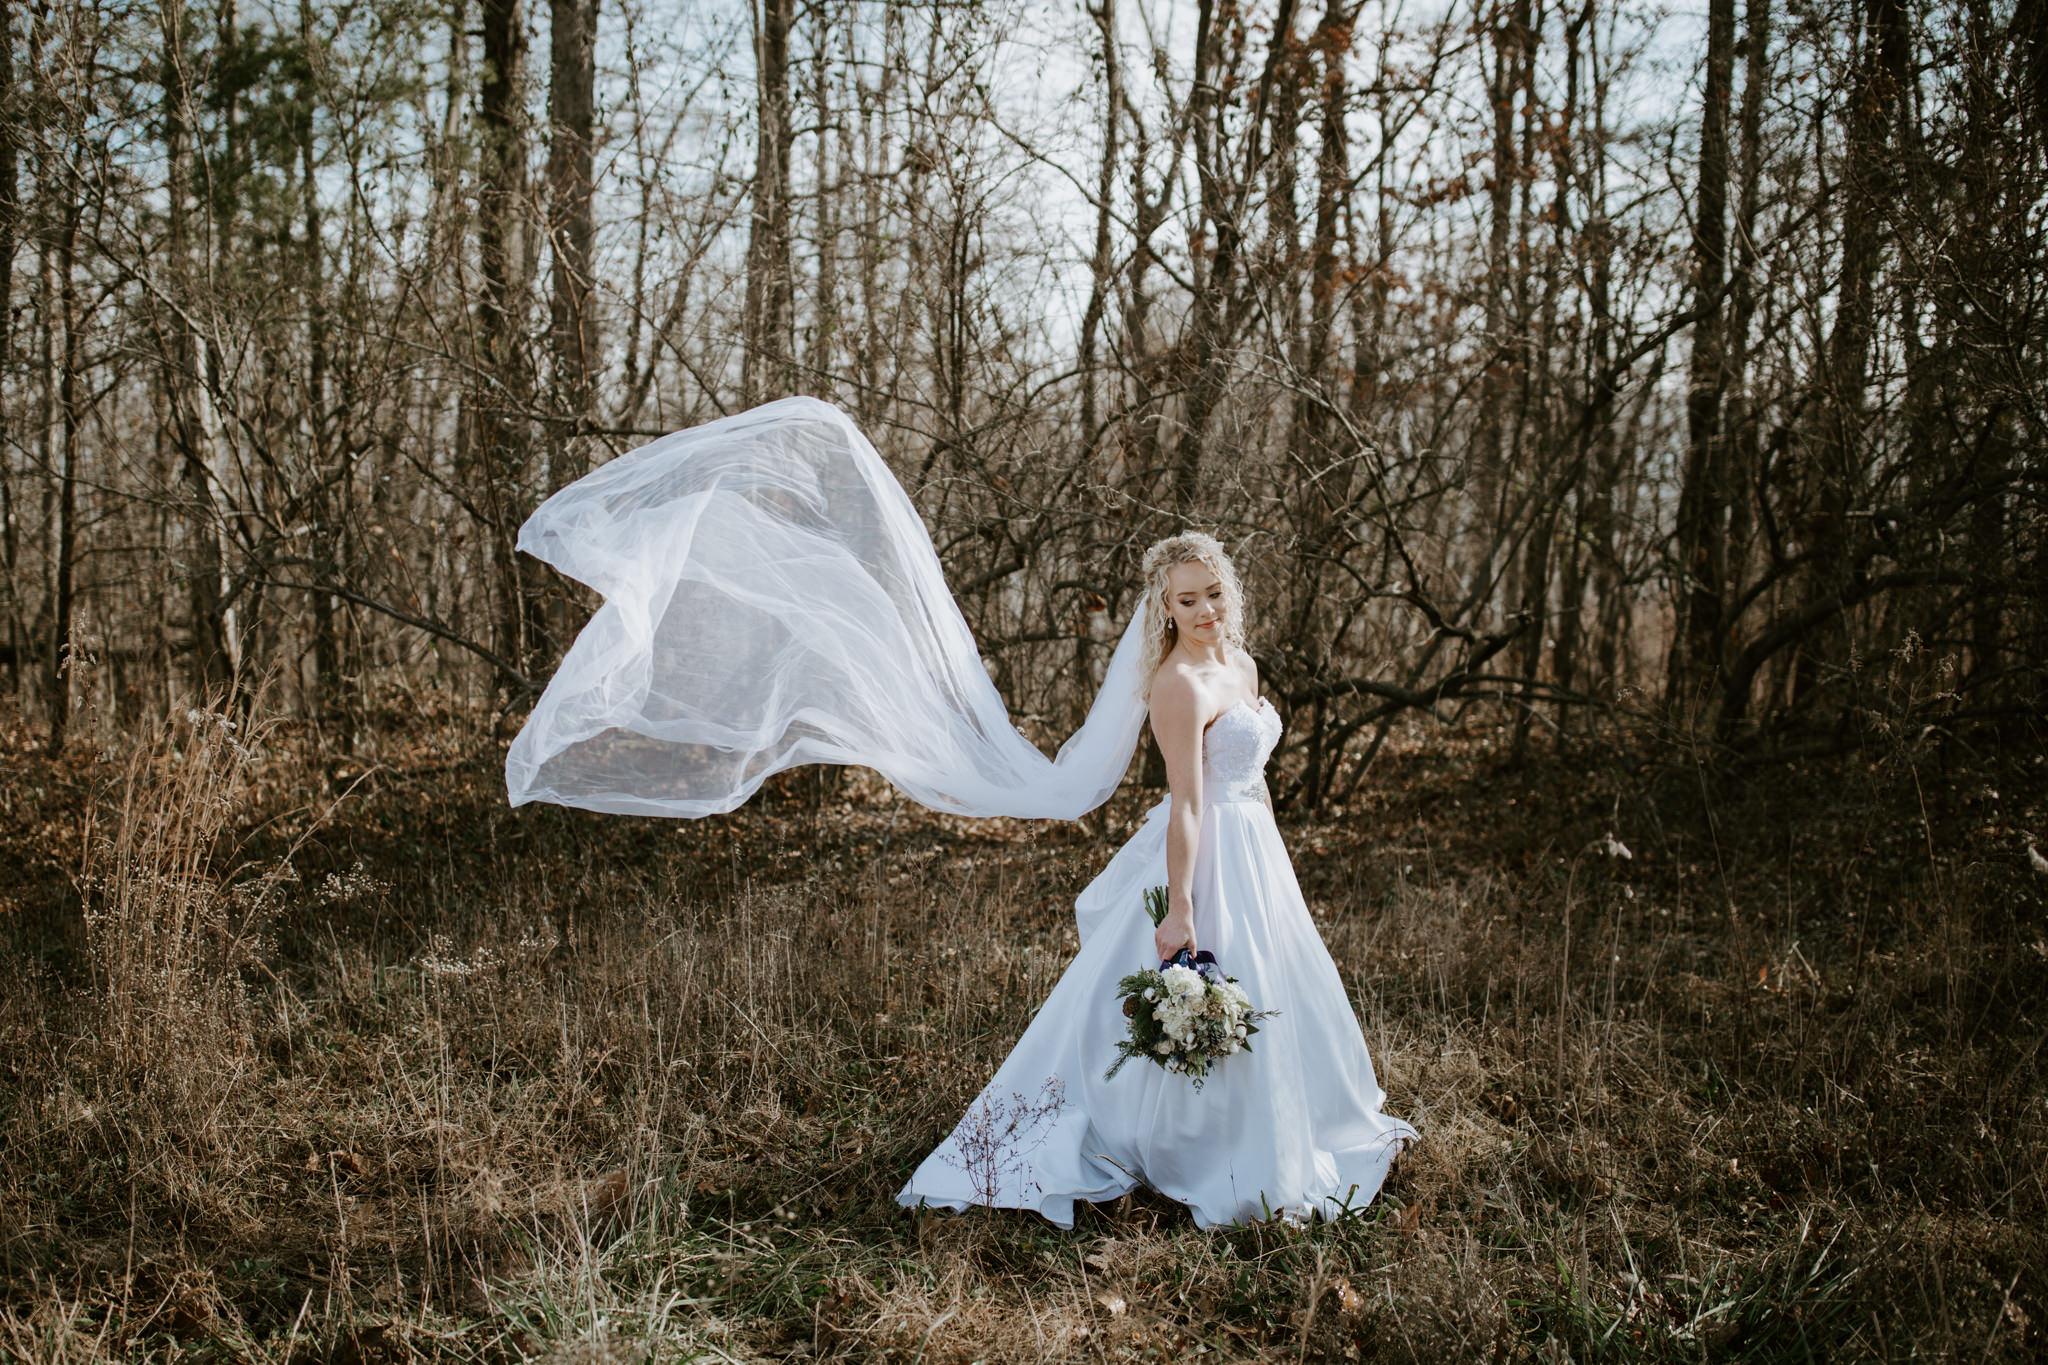 Lauren-and-Trent-Chattanooga-Nashville-Wedding-Elopement-Photographer-31.jpg